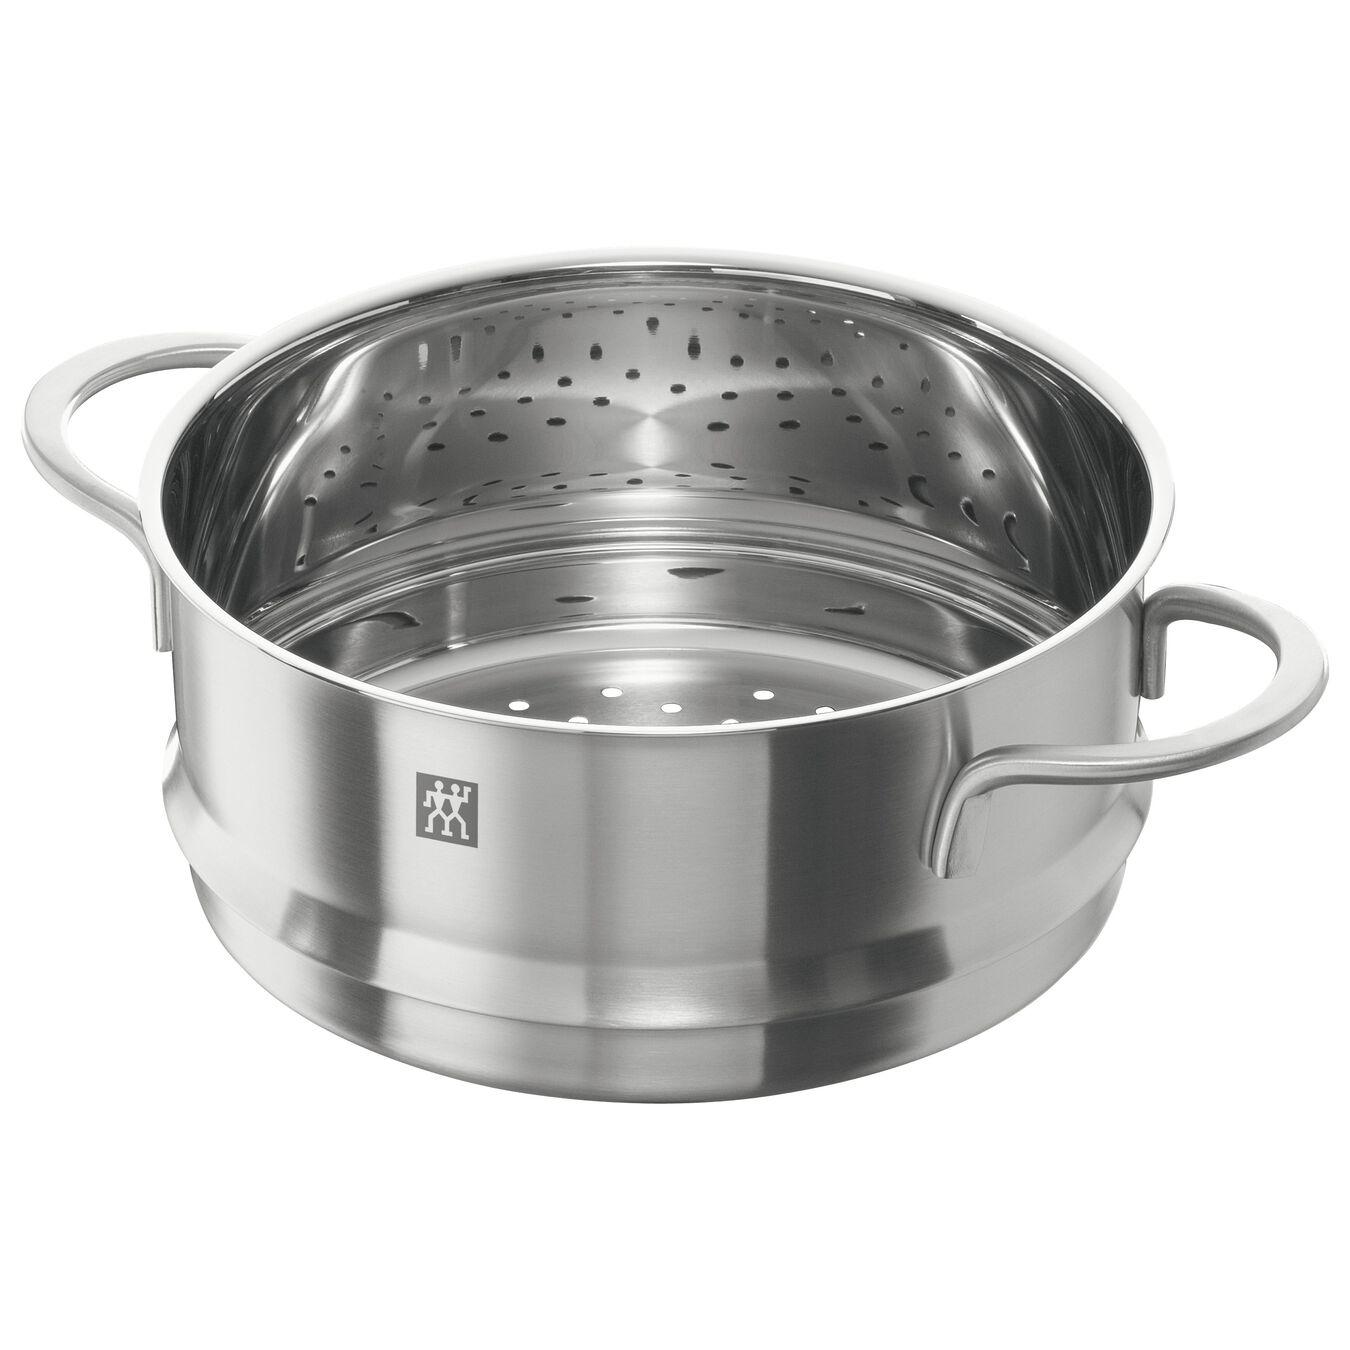 Passoire pour cuit vapeur 20 cm,,large 2